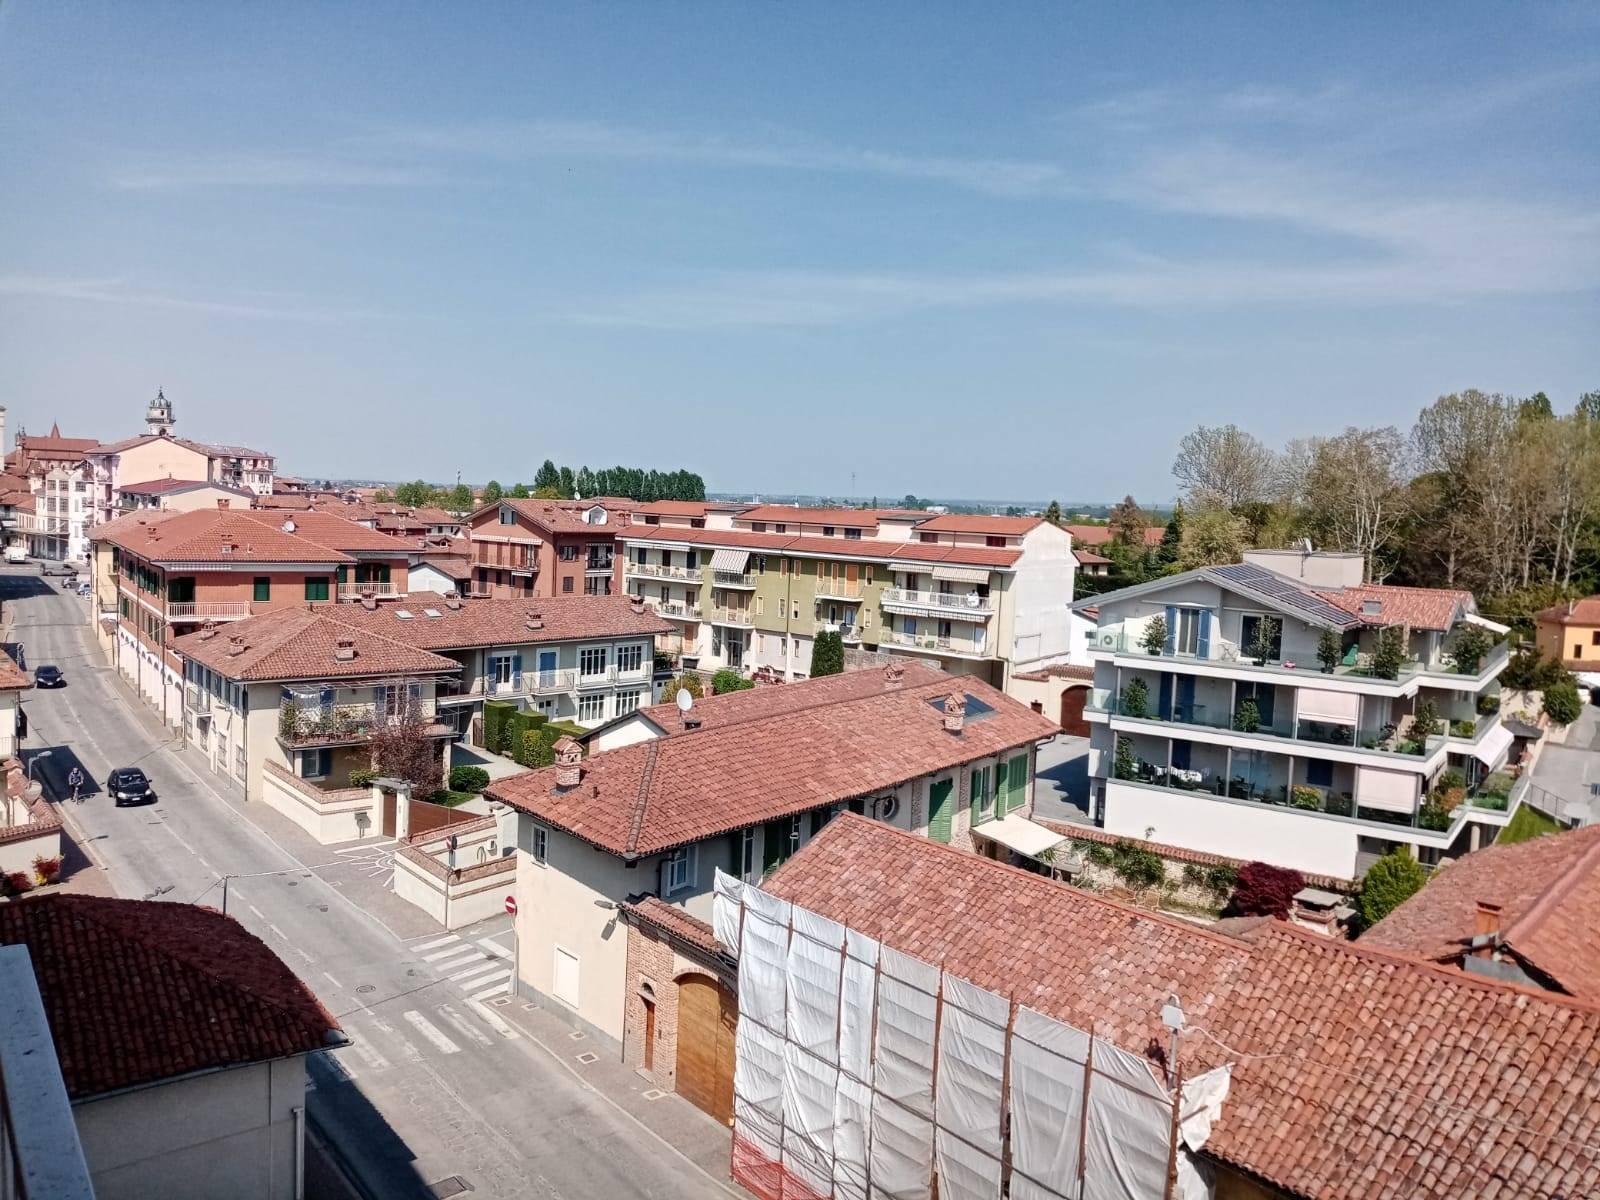 Appartamento in vendita a Cavallermaggiore, 4 locali, prezzo € 78.000 | CambioCasa.it